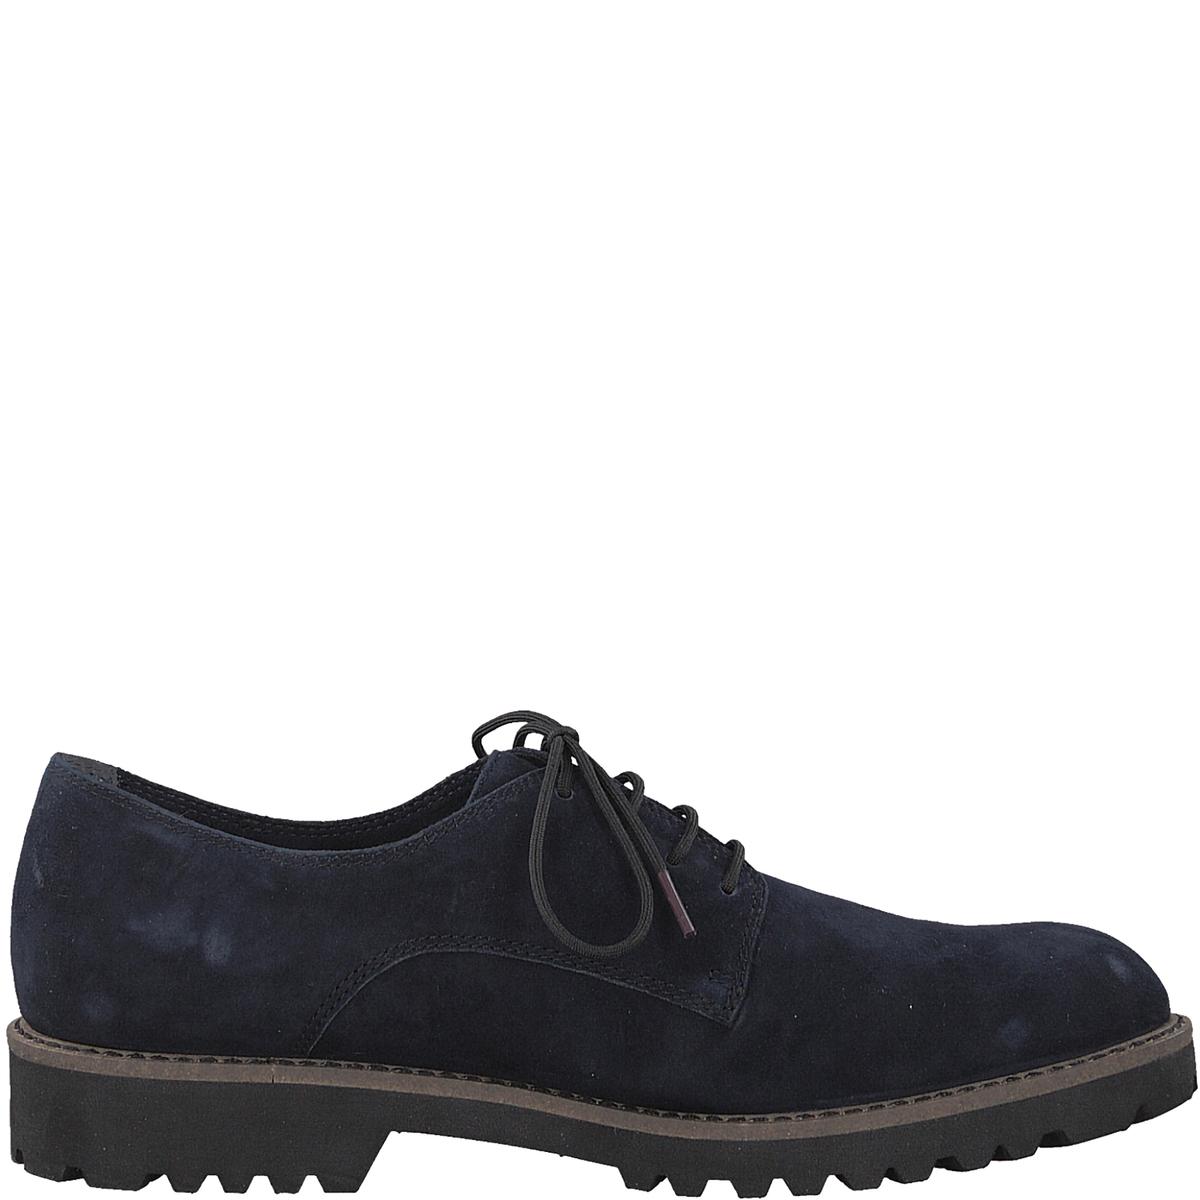 Ботинки-дерби кожаные LynnДетали •  Ботинки-дерби •  Высота каблука : 3 см •  Застежка : Шнуровка •  Круглый мысокСостав и уход •  Верх 100% козья кожа •  Подкладка 50% кожи, 50% текстиля •  Стелька 100% кожа<br><br>Цвет: синий морской